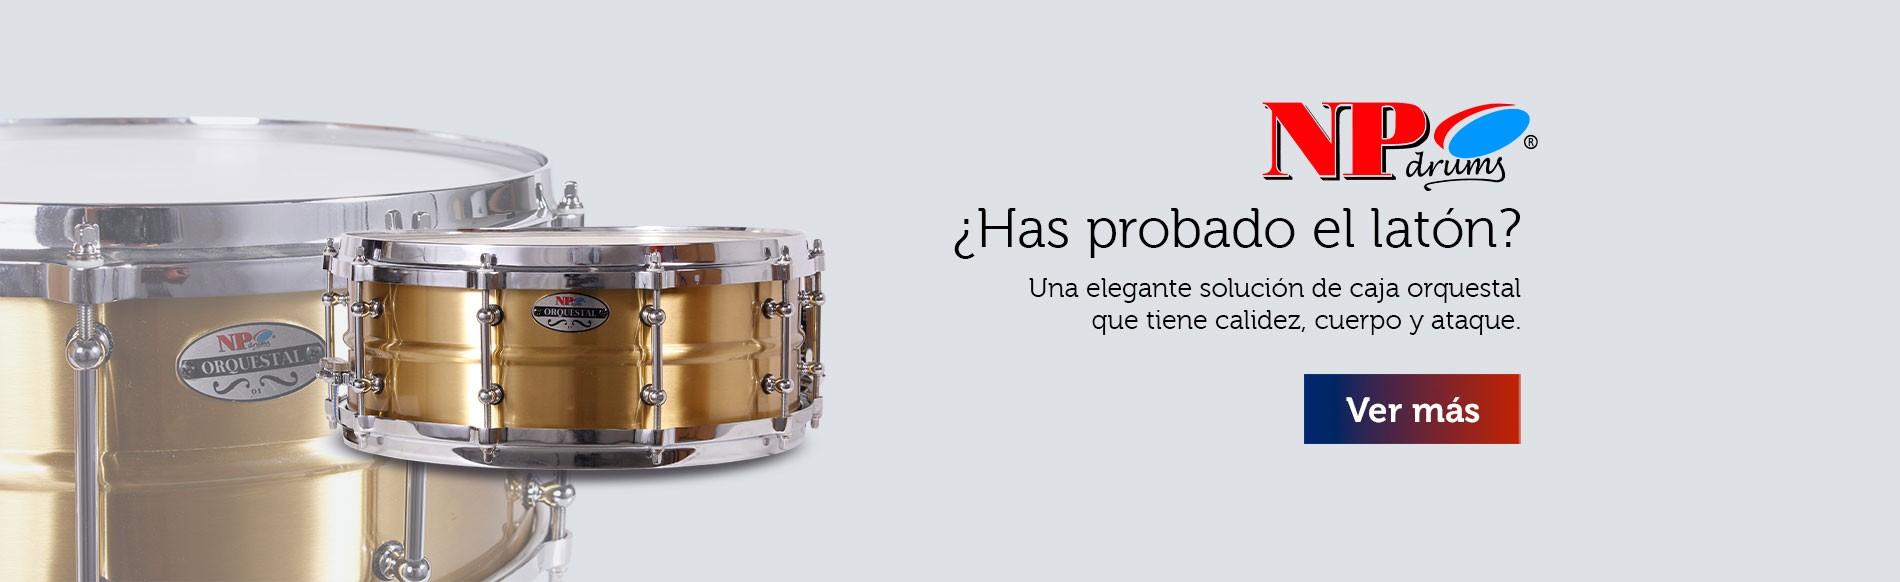 ¿HAS PROBADO EL LATÓN?. Una elegante solución de caja orquestal que tiene calidez, cuerpo y ataque